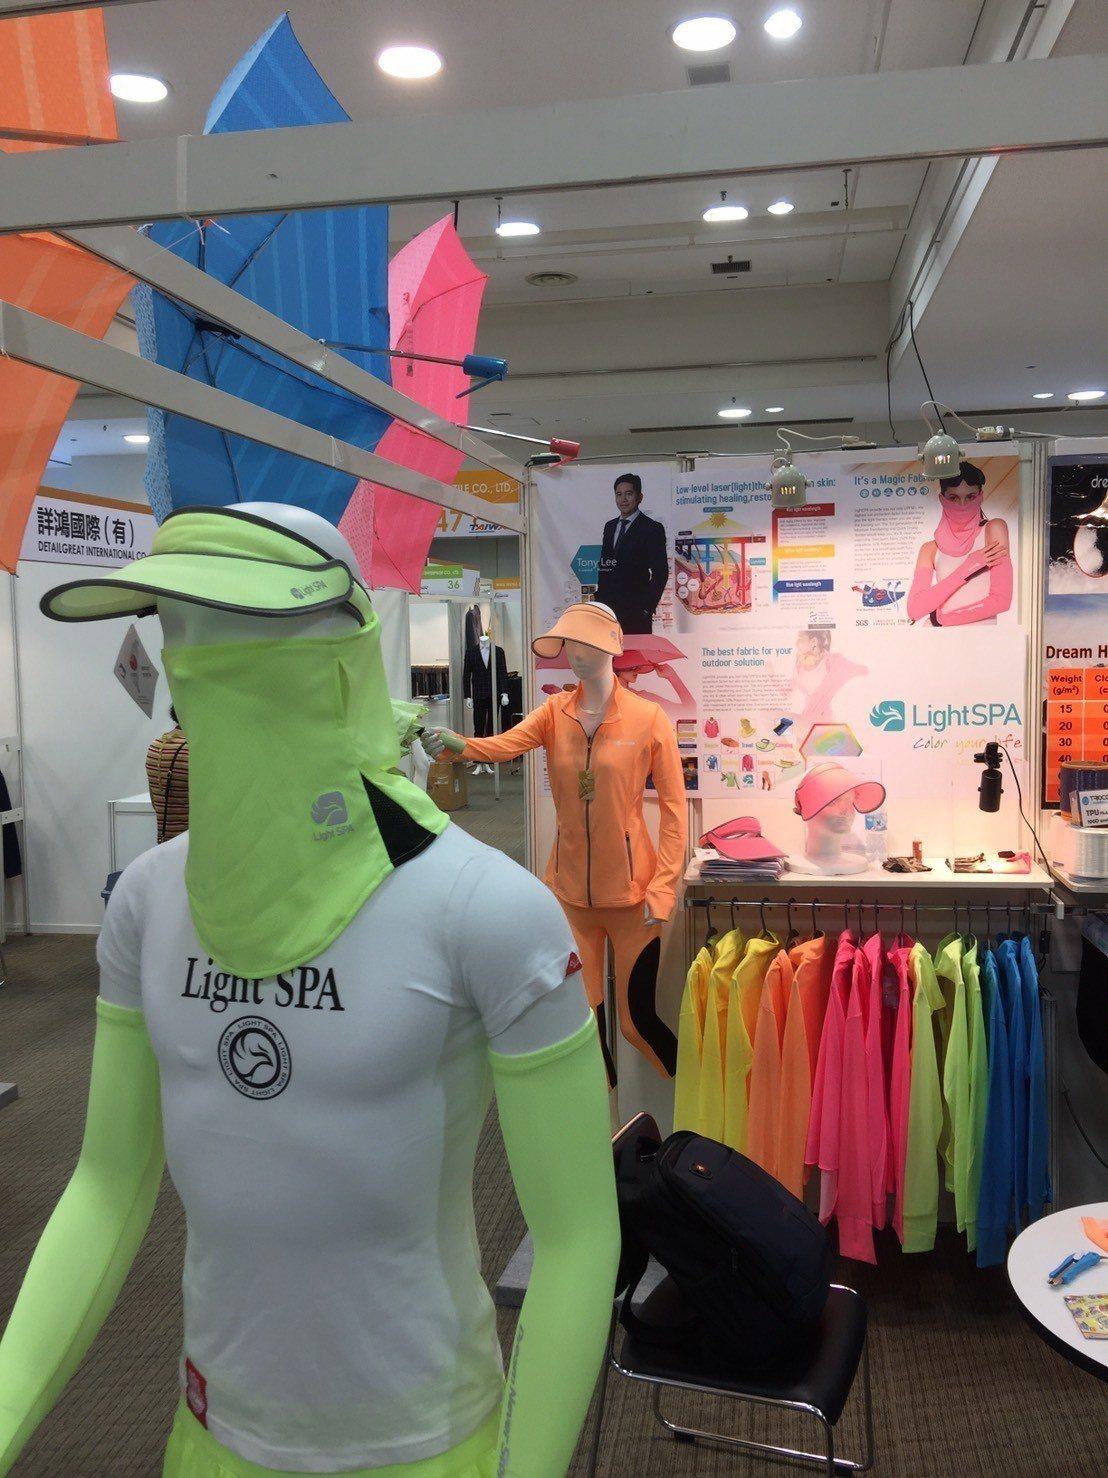 由紡拓會舉辦的「2018年台灣紡織品日本展示會」,昇締生技的光療衣獲日媒關注。(...